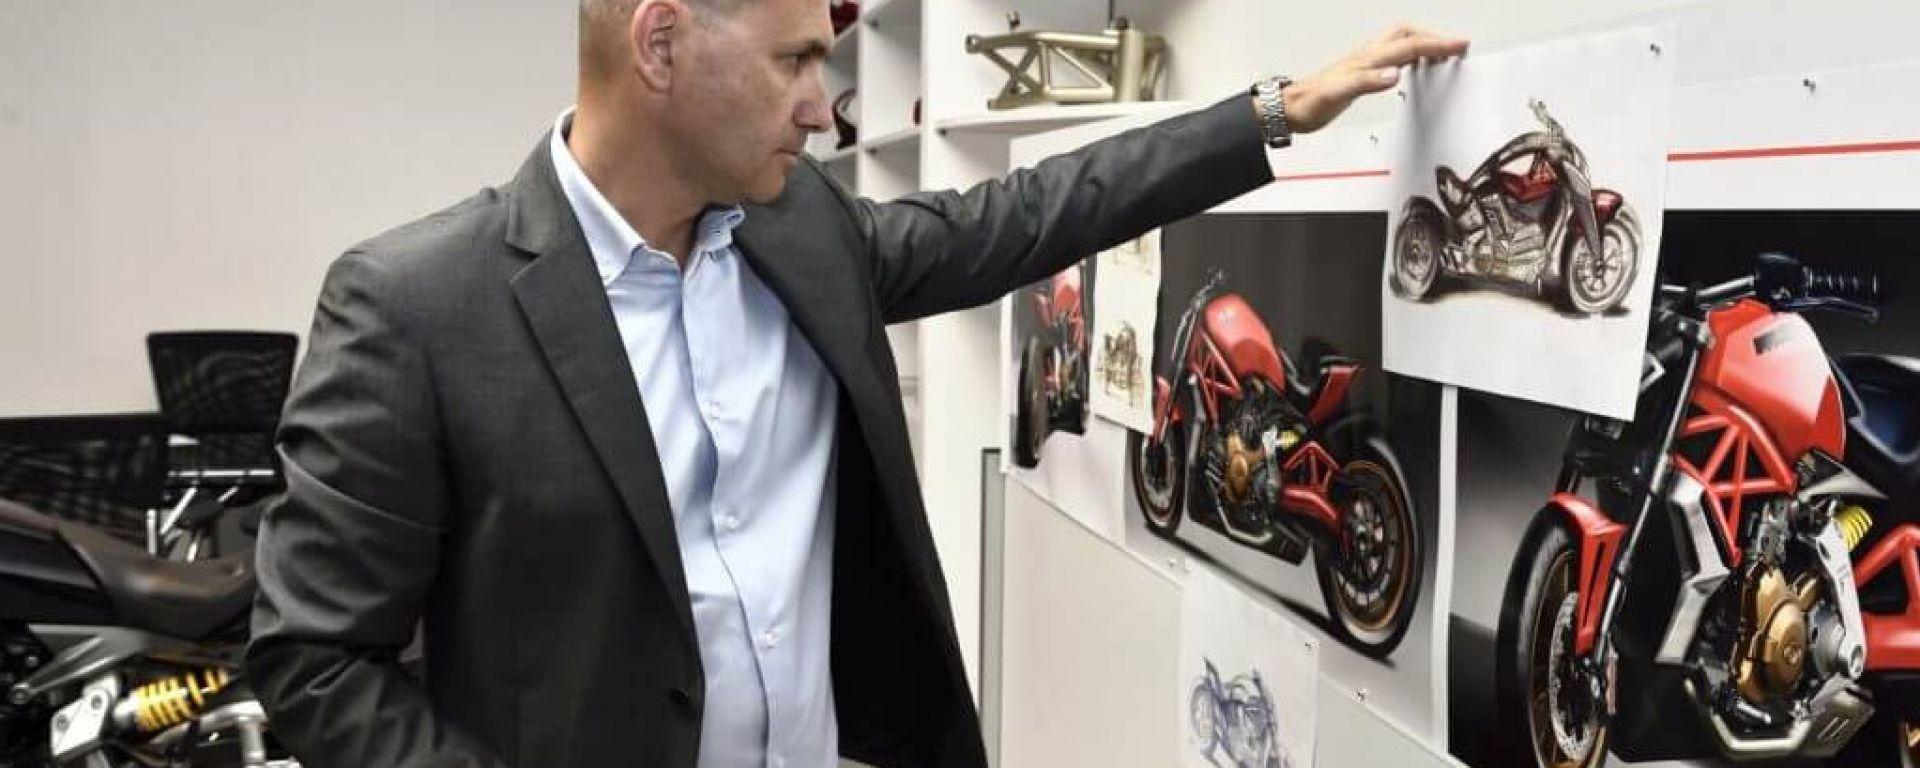 Ducati: in futuro elettrico, ibrido ma anche ritorno al vintage